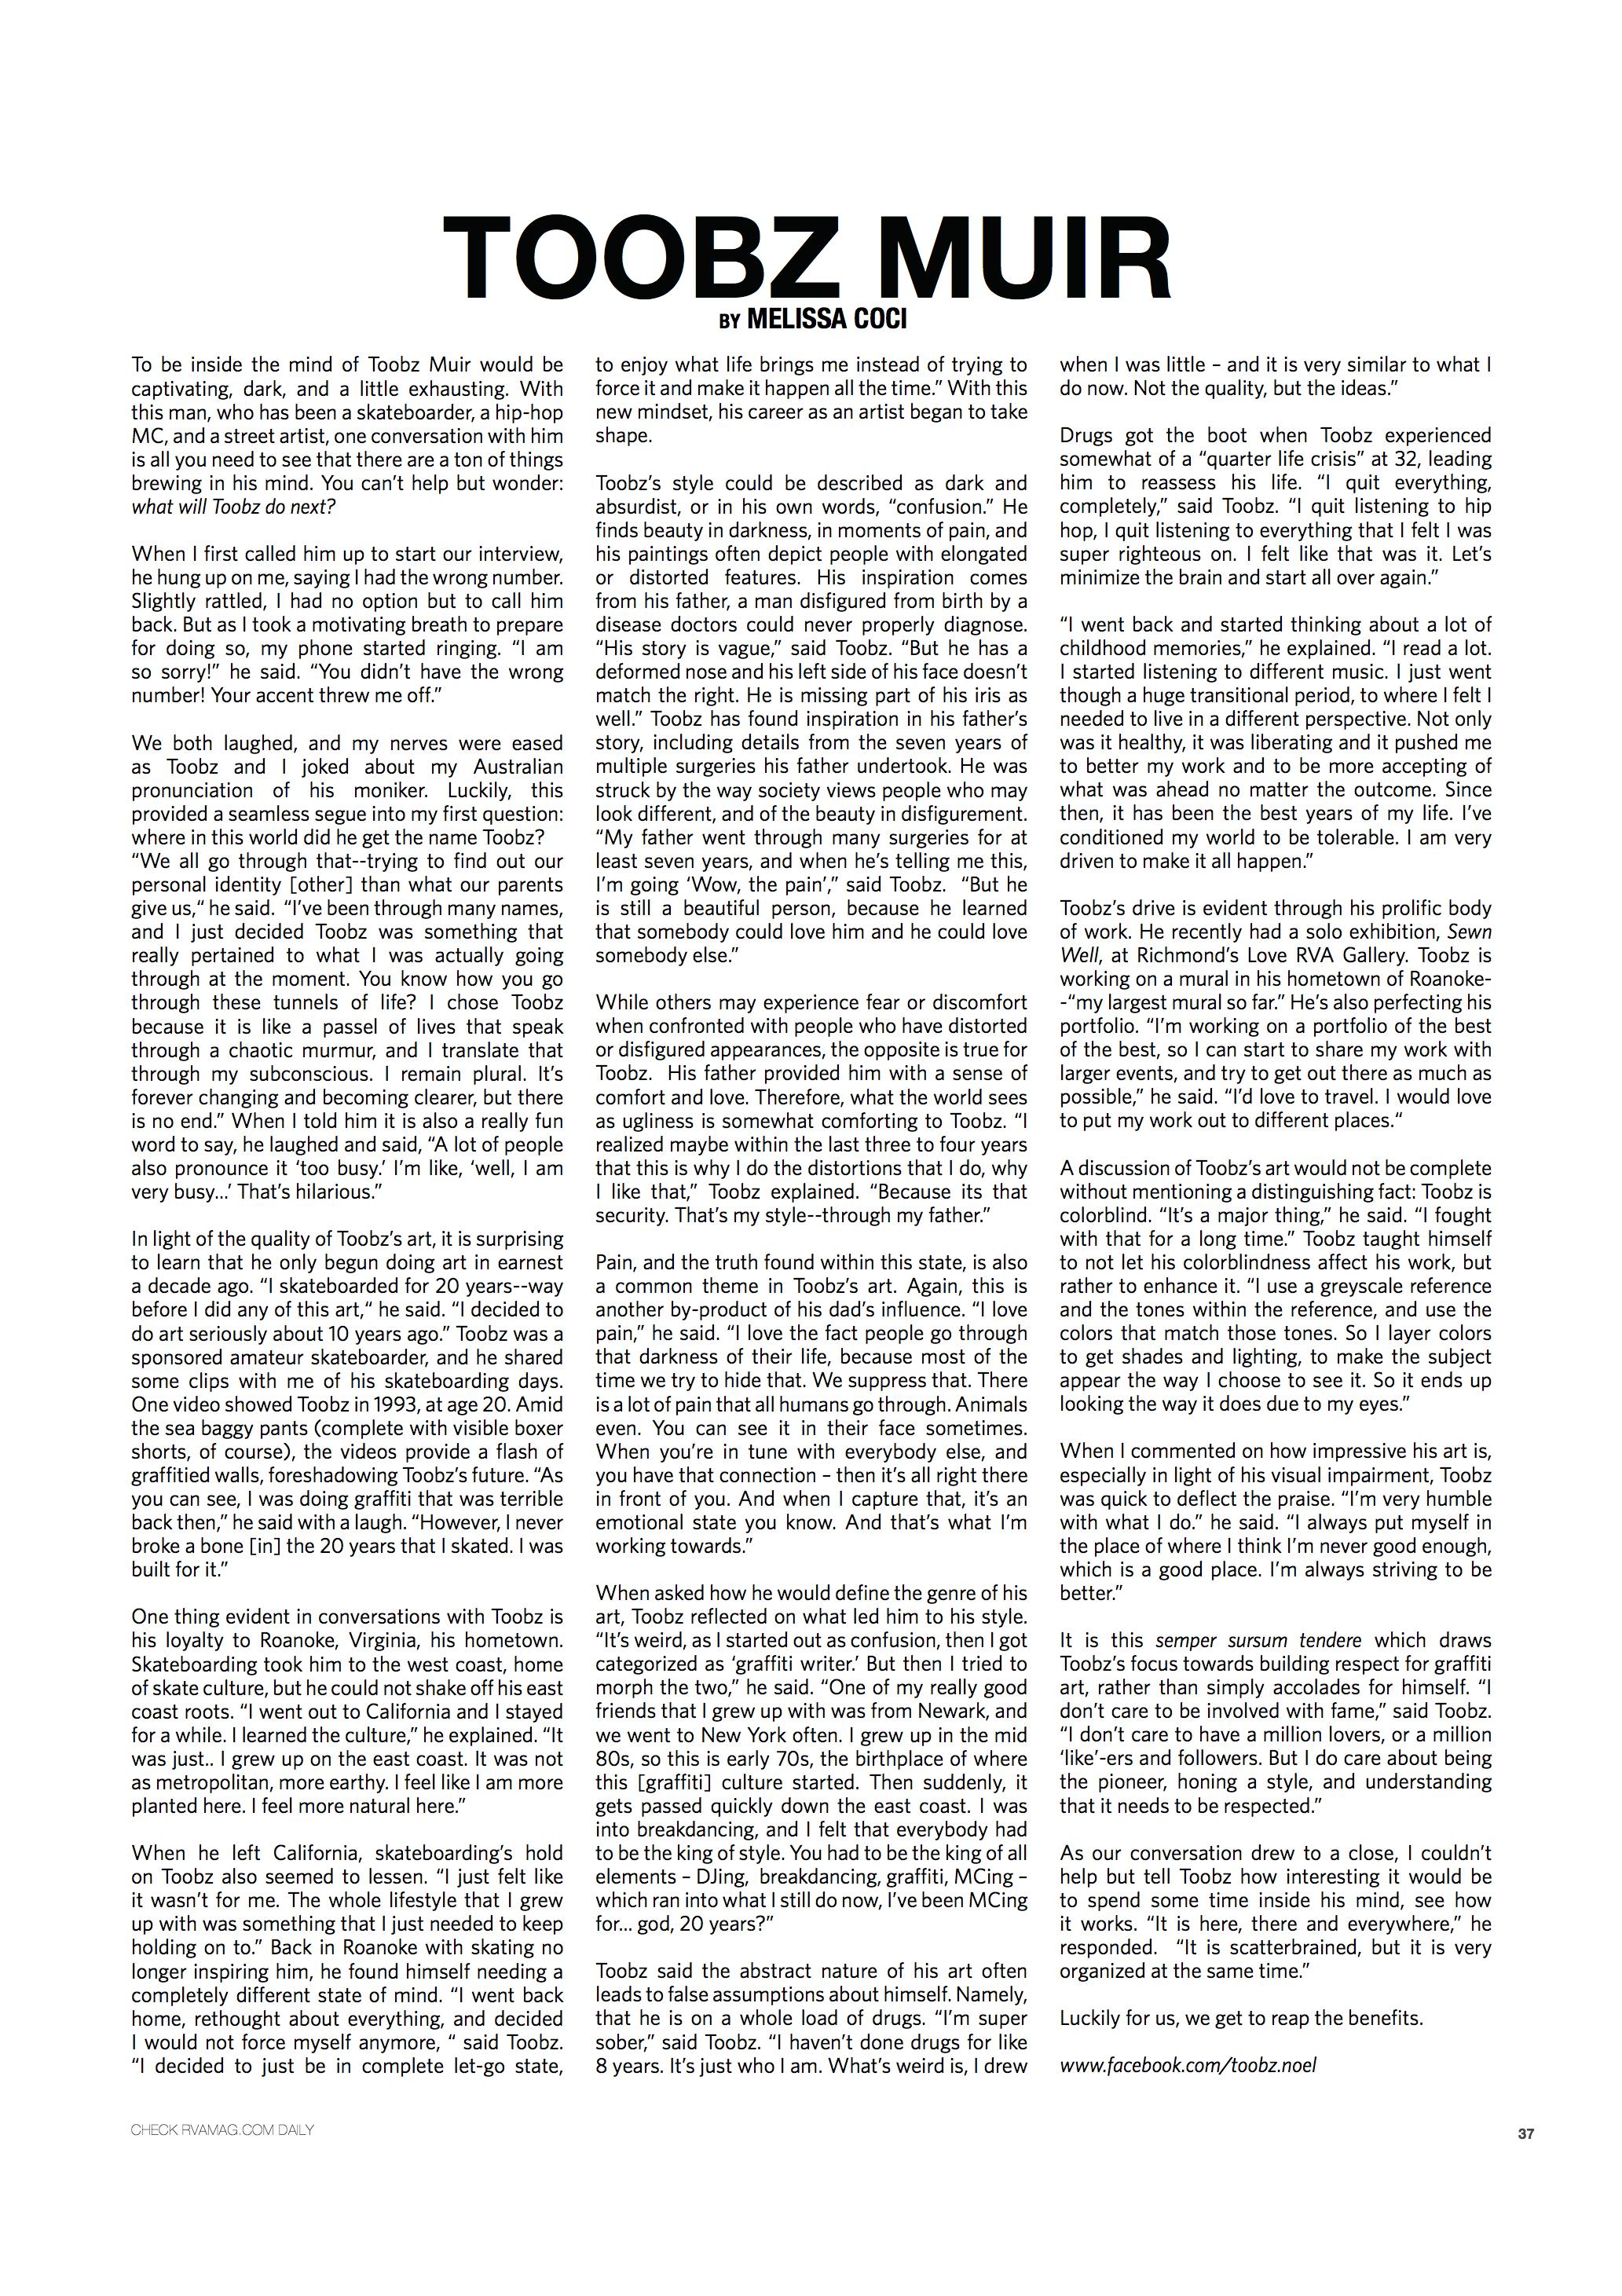 RVA Magazine, issue 15 2013